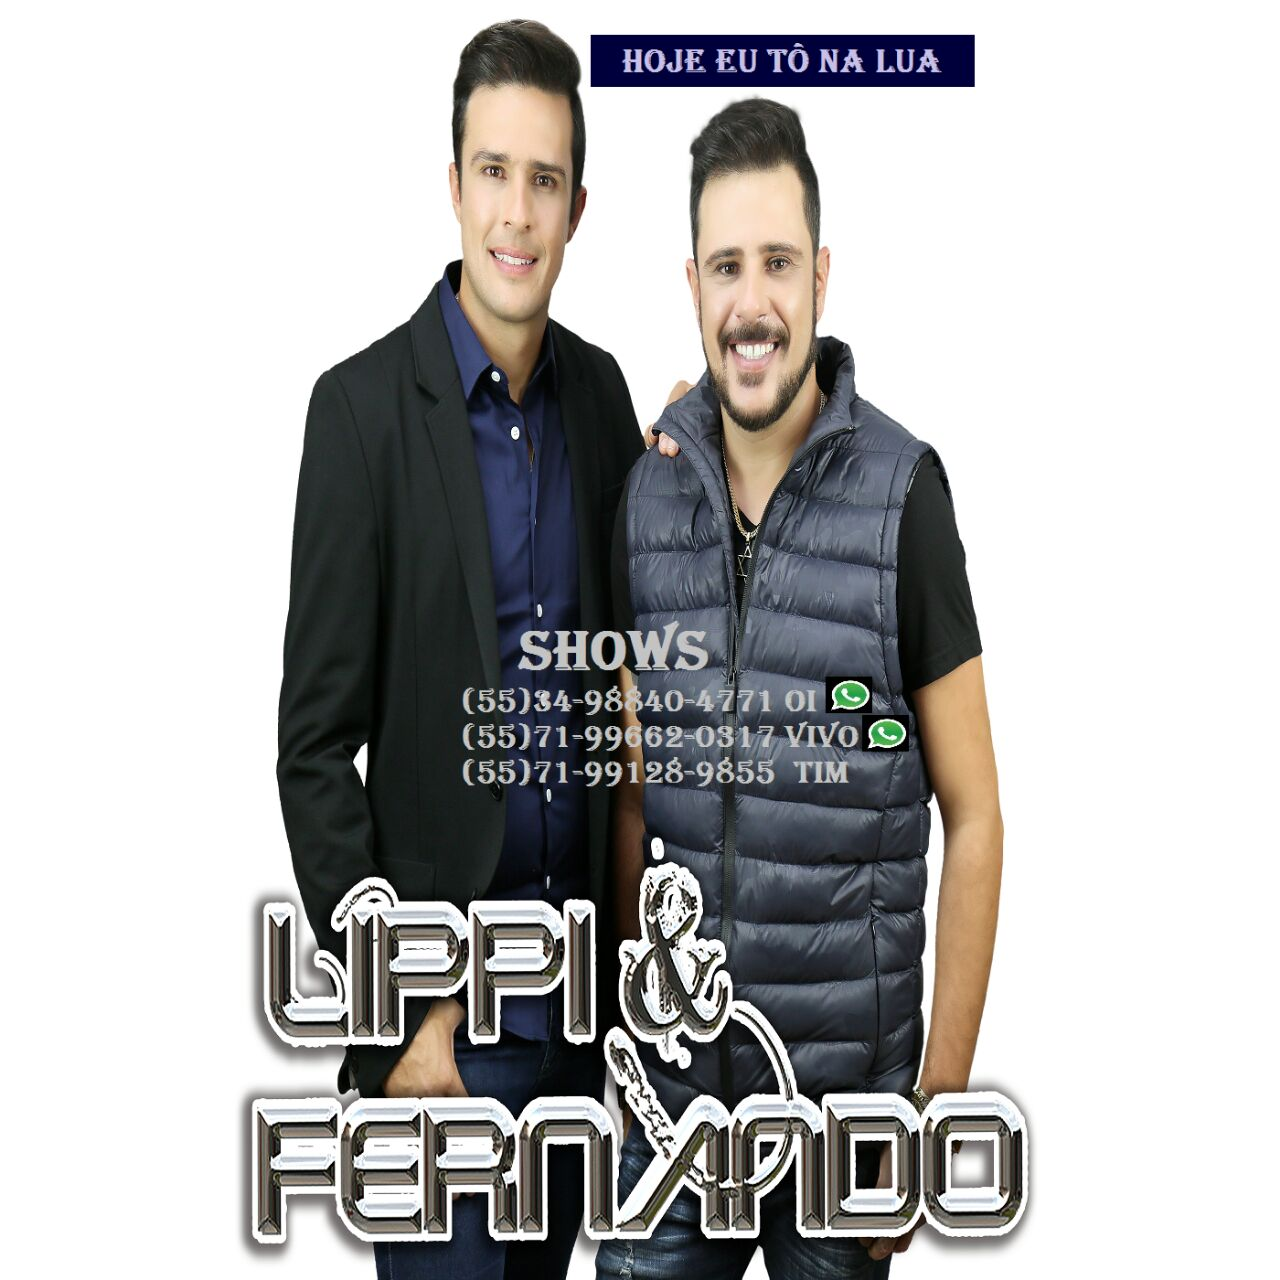 Resultado de imagem para IMAGENS DA DUPLA SERTANEJA LIPPE & FERNANDO